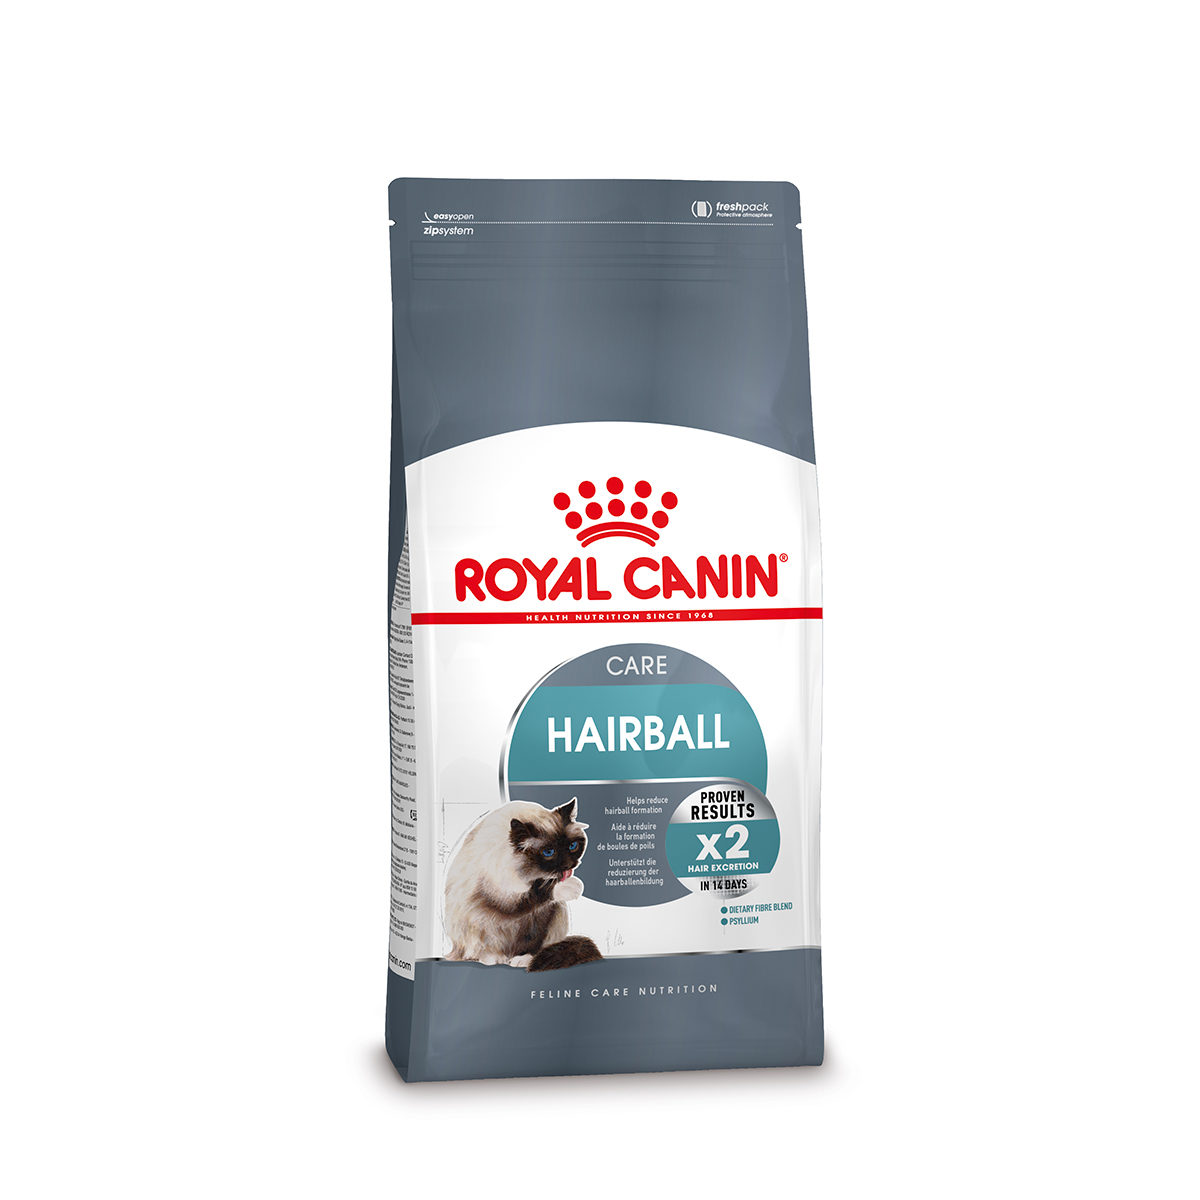 Royal Canin Hairball Care Kattenvoer 2 kg